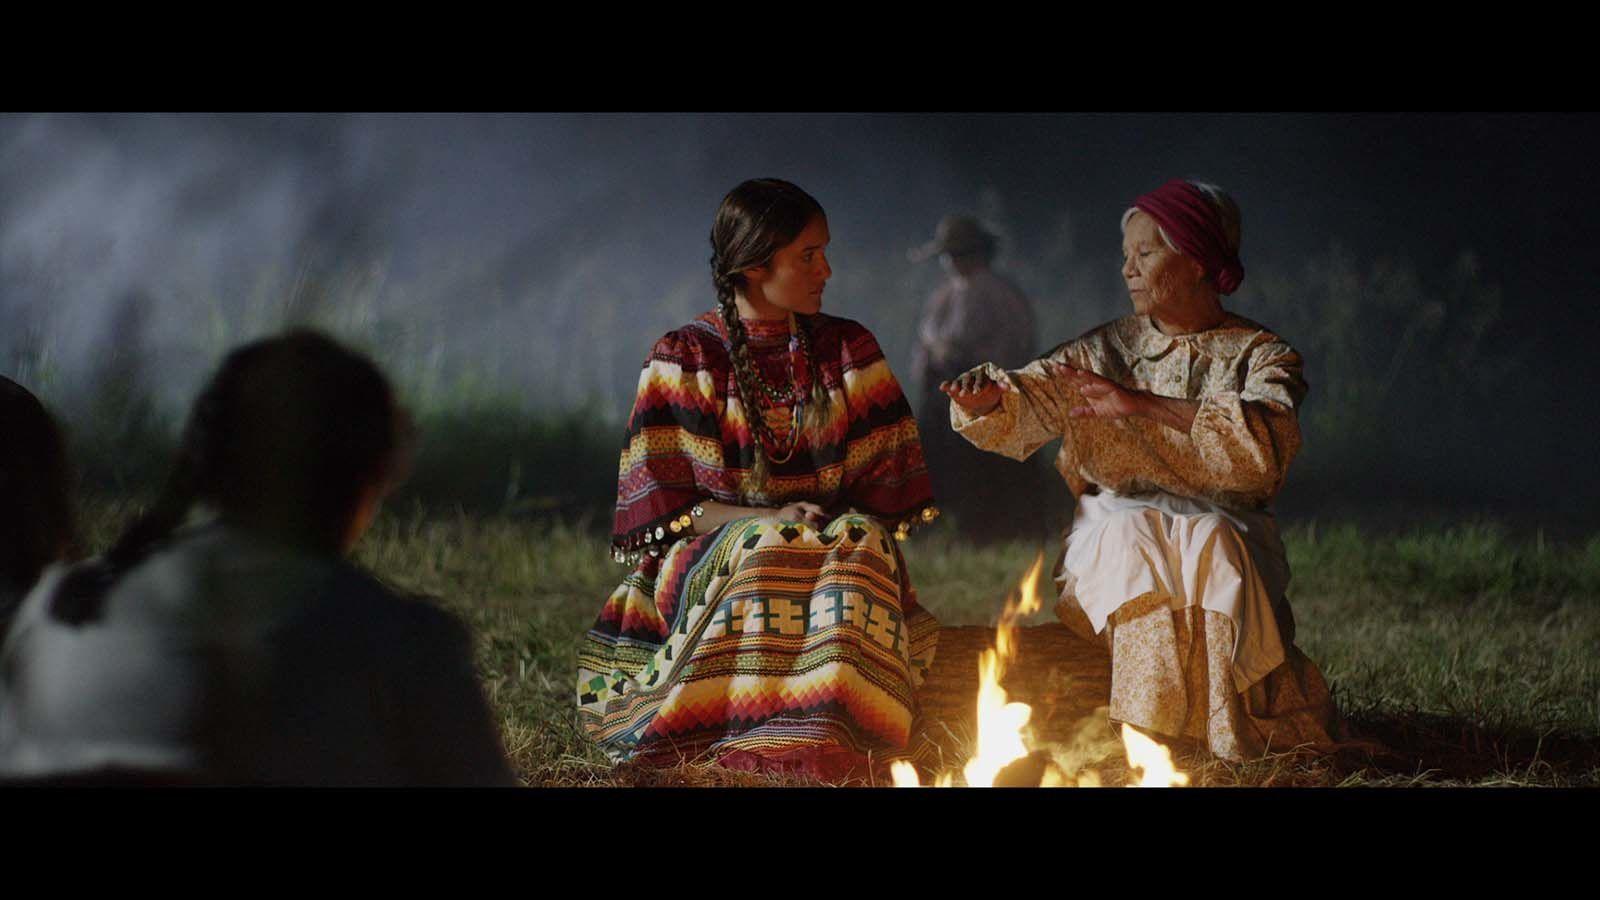 Te Ata (BANDE-ANNONCE) de Nathan Frankowski - Le 17 juillet 2019 au cinéma